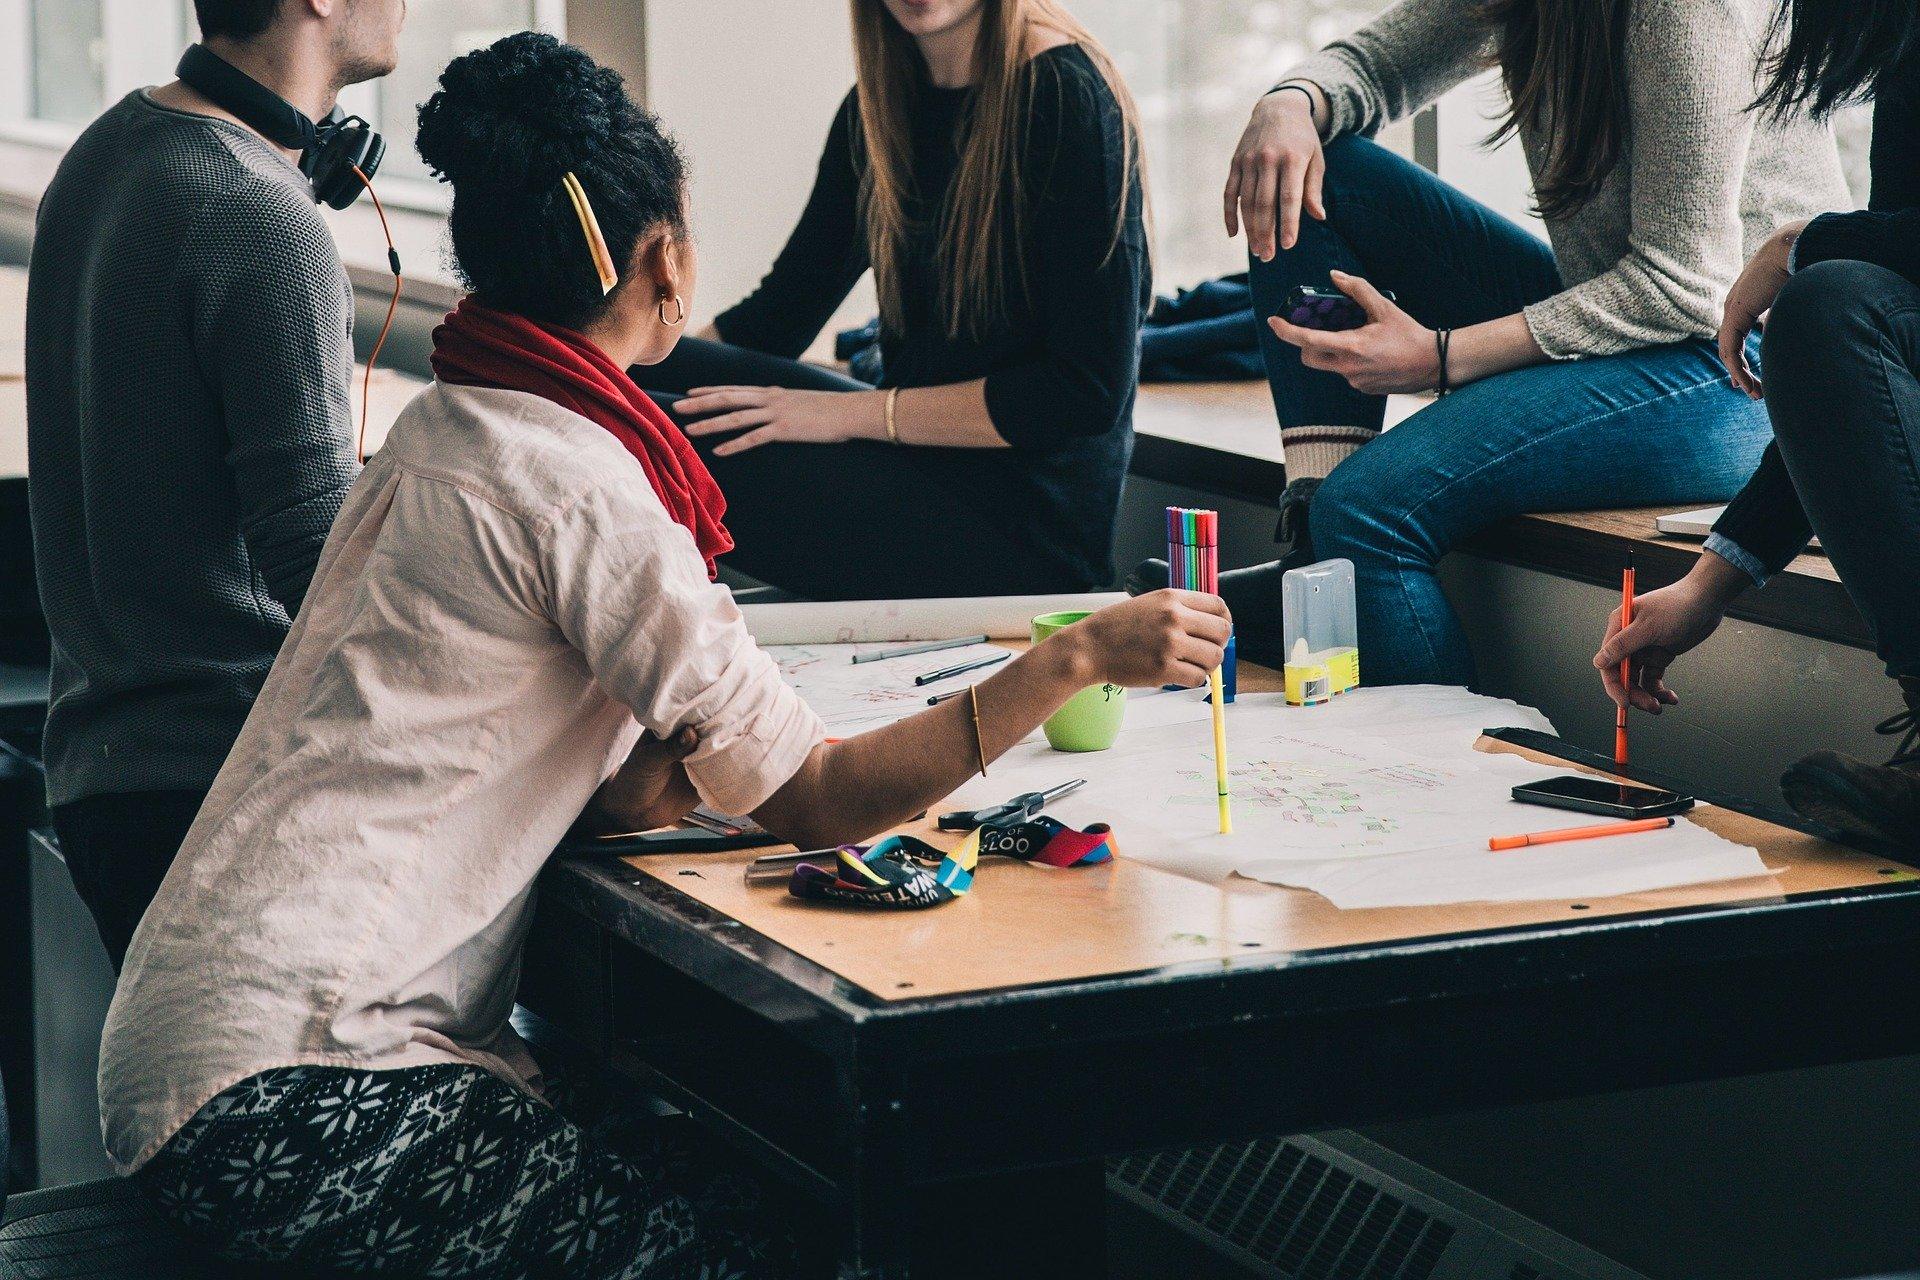 Làm thế nào để chọn địa điểm du học phù hợp với bản thân?